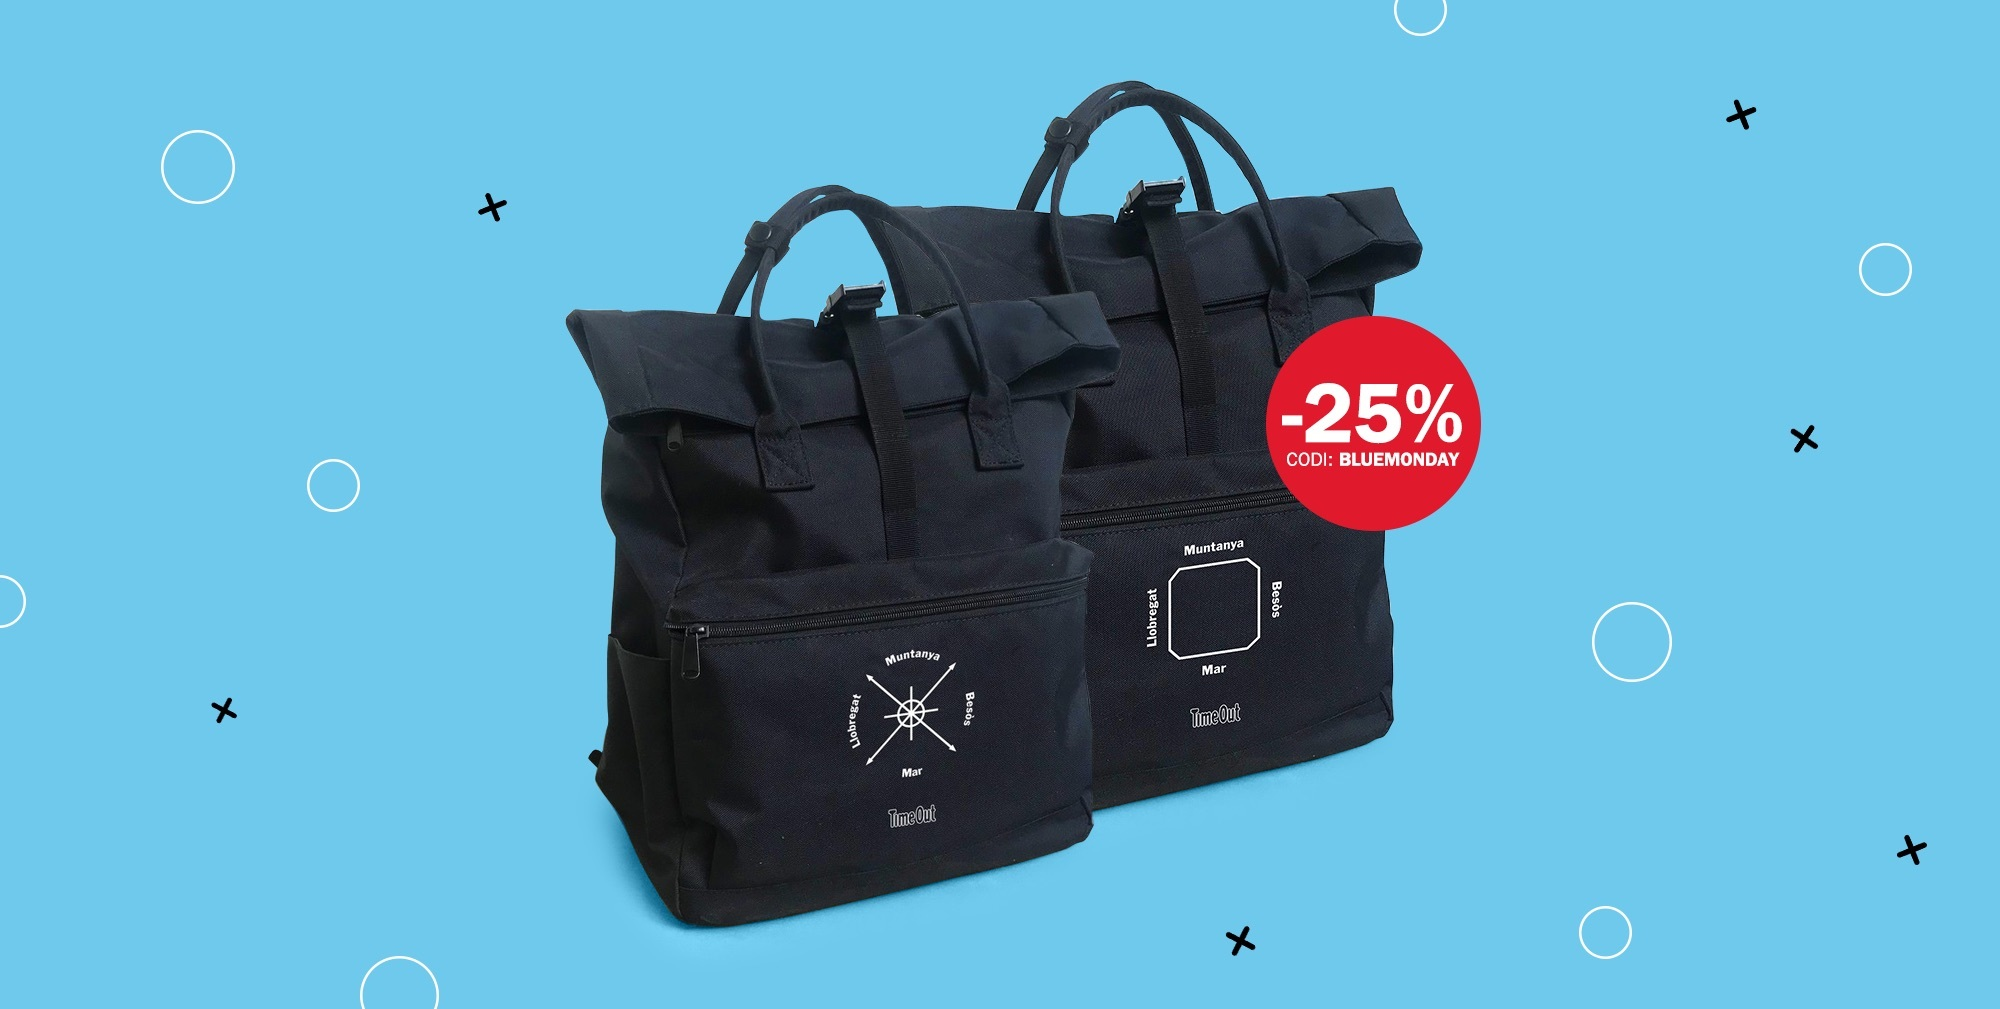 ¡La mochila Time Out con un 25% de descuento este Blue Monday!